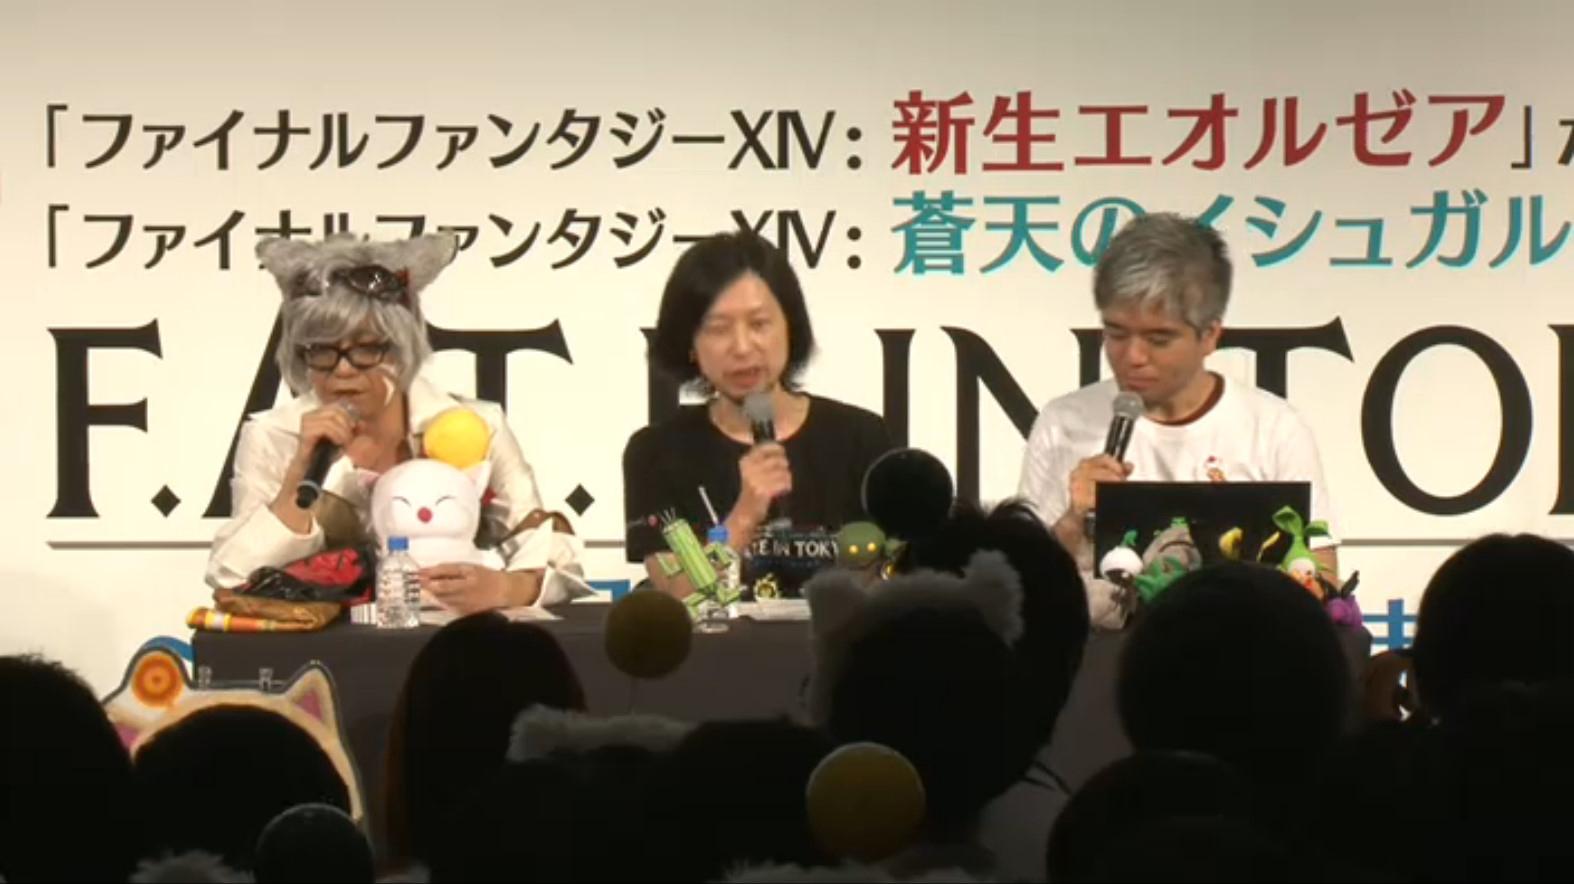 左から、機工士のコスプレ姿のプロデューサー兼ディレクターの吉田直樹氏、ゲストのメインシナリオライター前廣和豊氏、コミュニティチームの室内俊夫氏